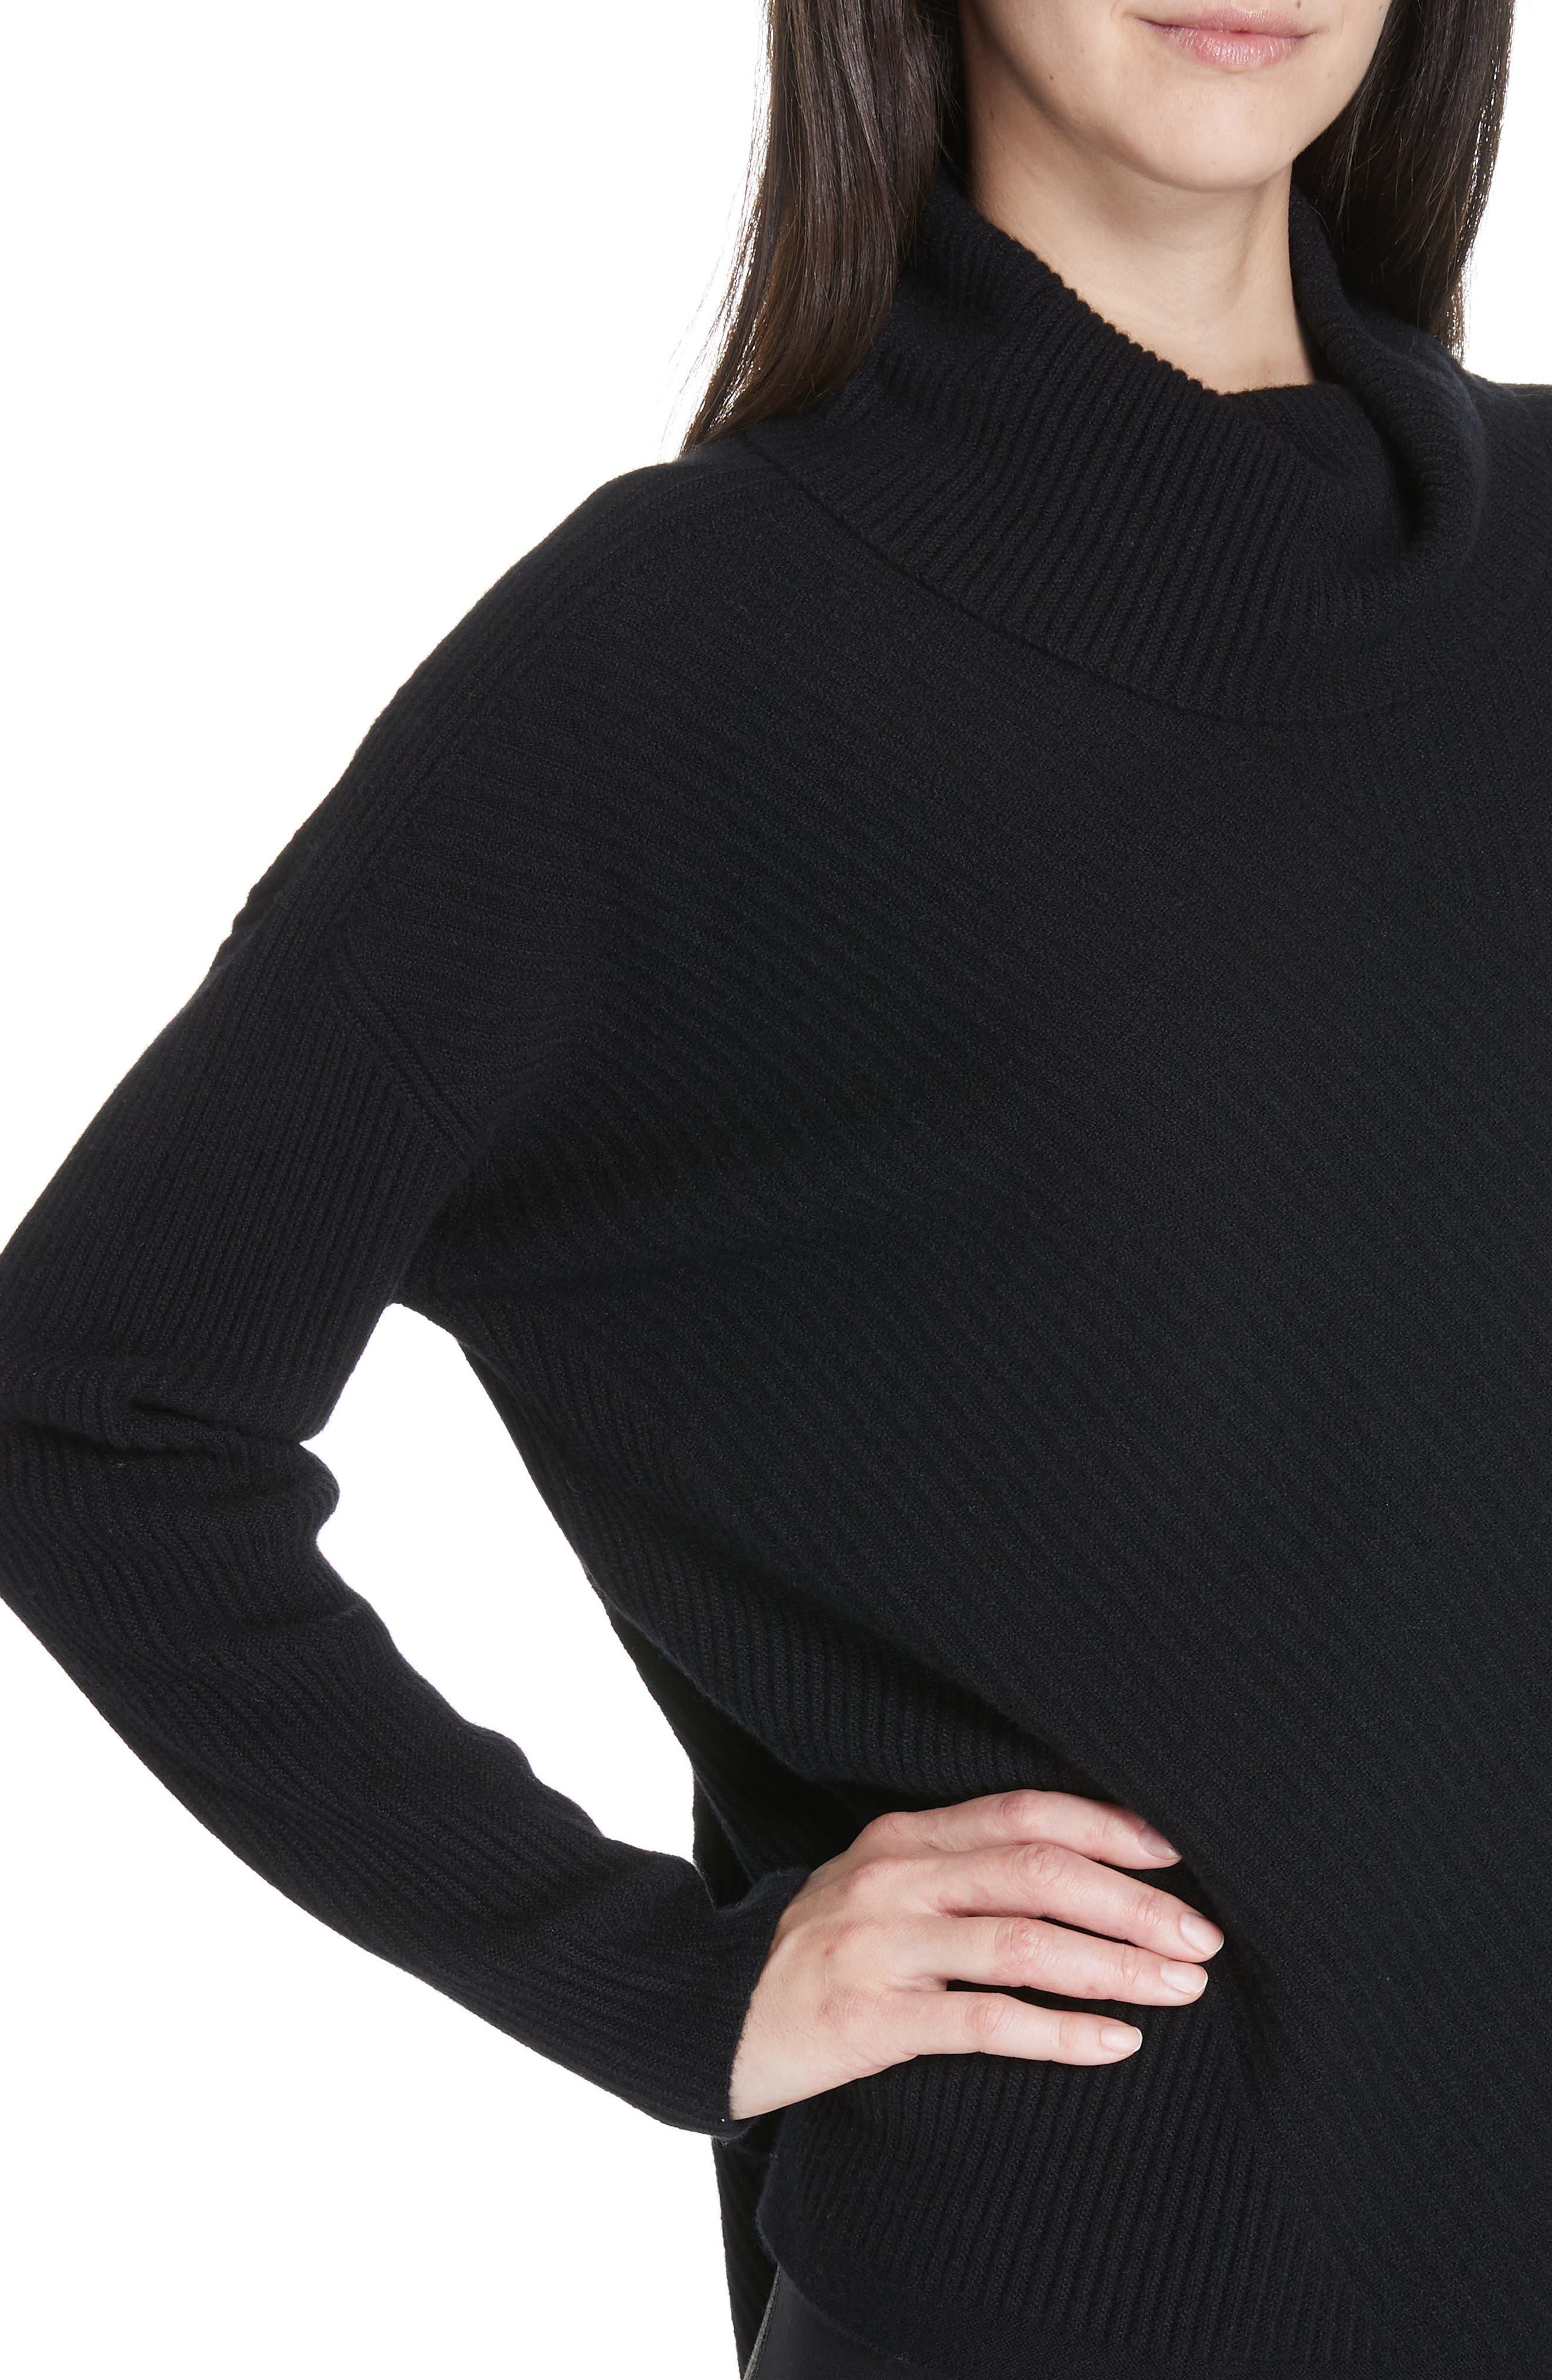 Cashmere Turtleneck Top,                             Alternate thumbnail 4, color,                             BLACK